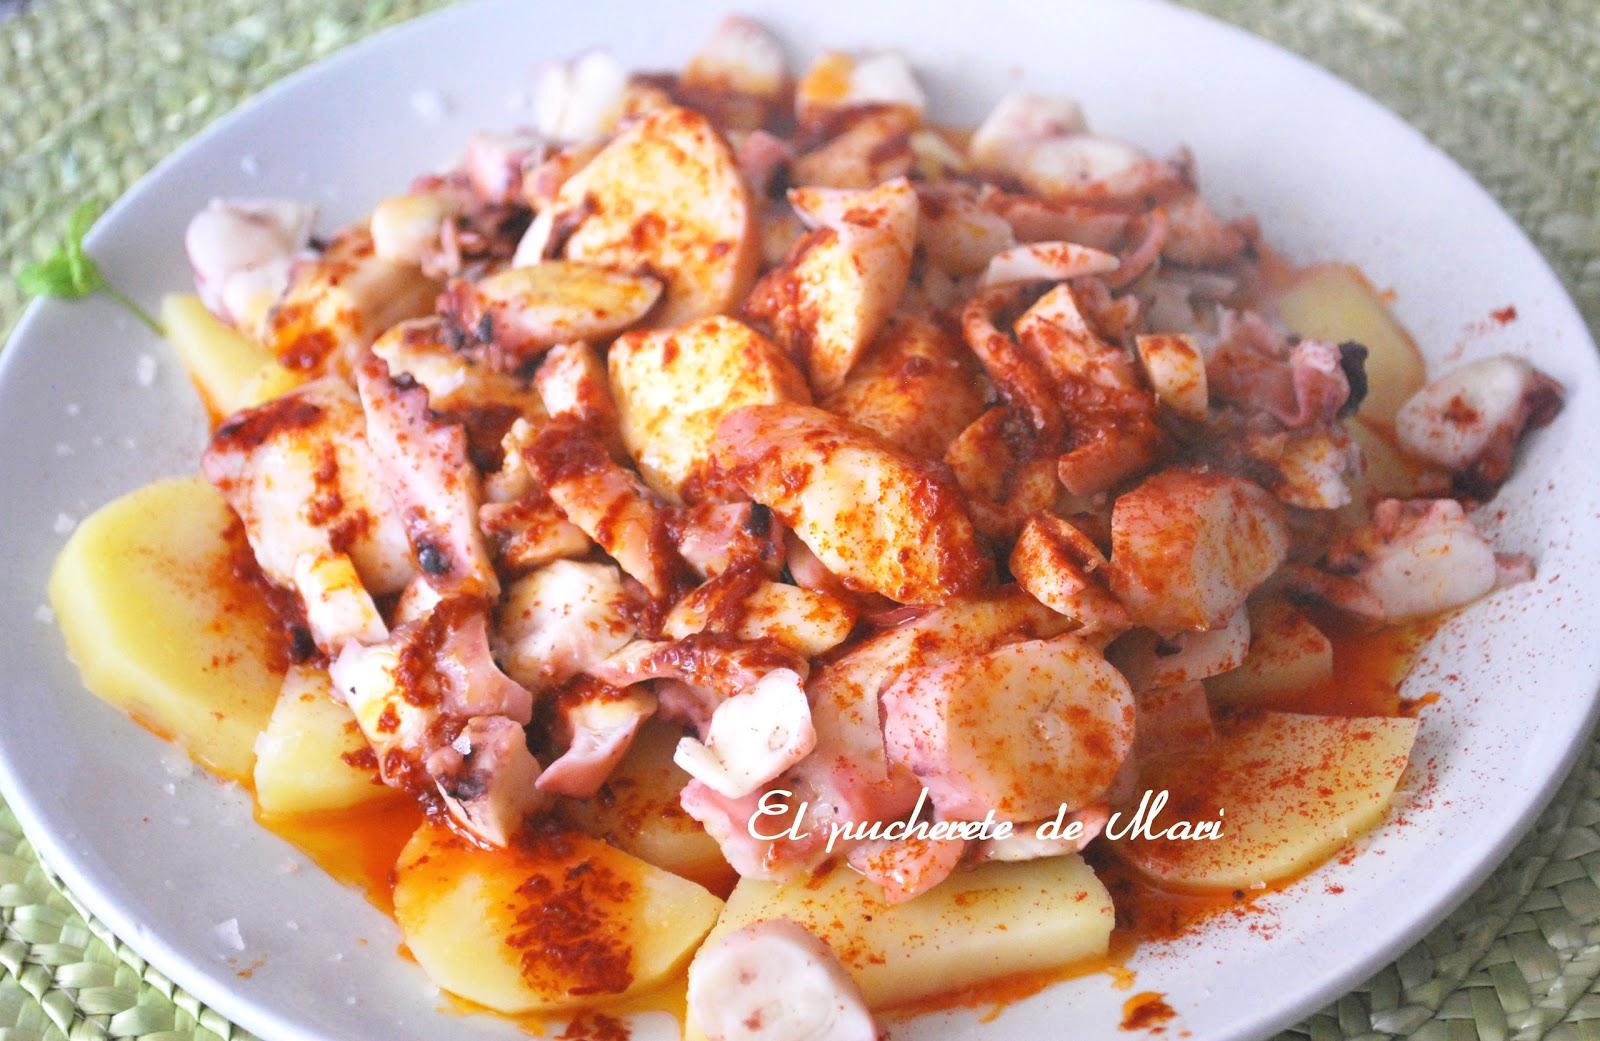 El pucherete de mari rejo con patatas y ali o de pimiento for Se puede cocer el pulpo congelado